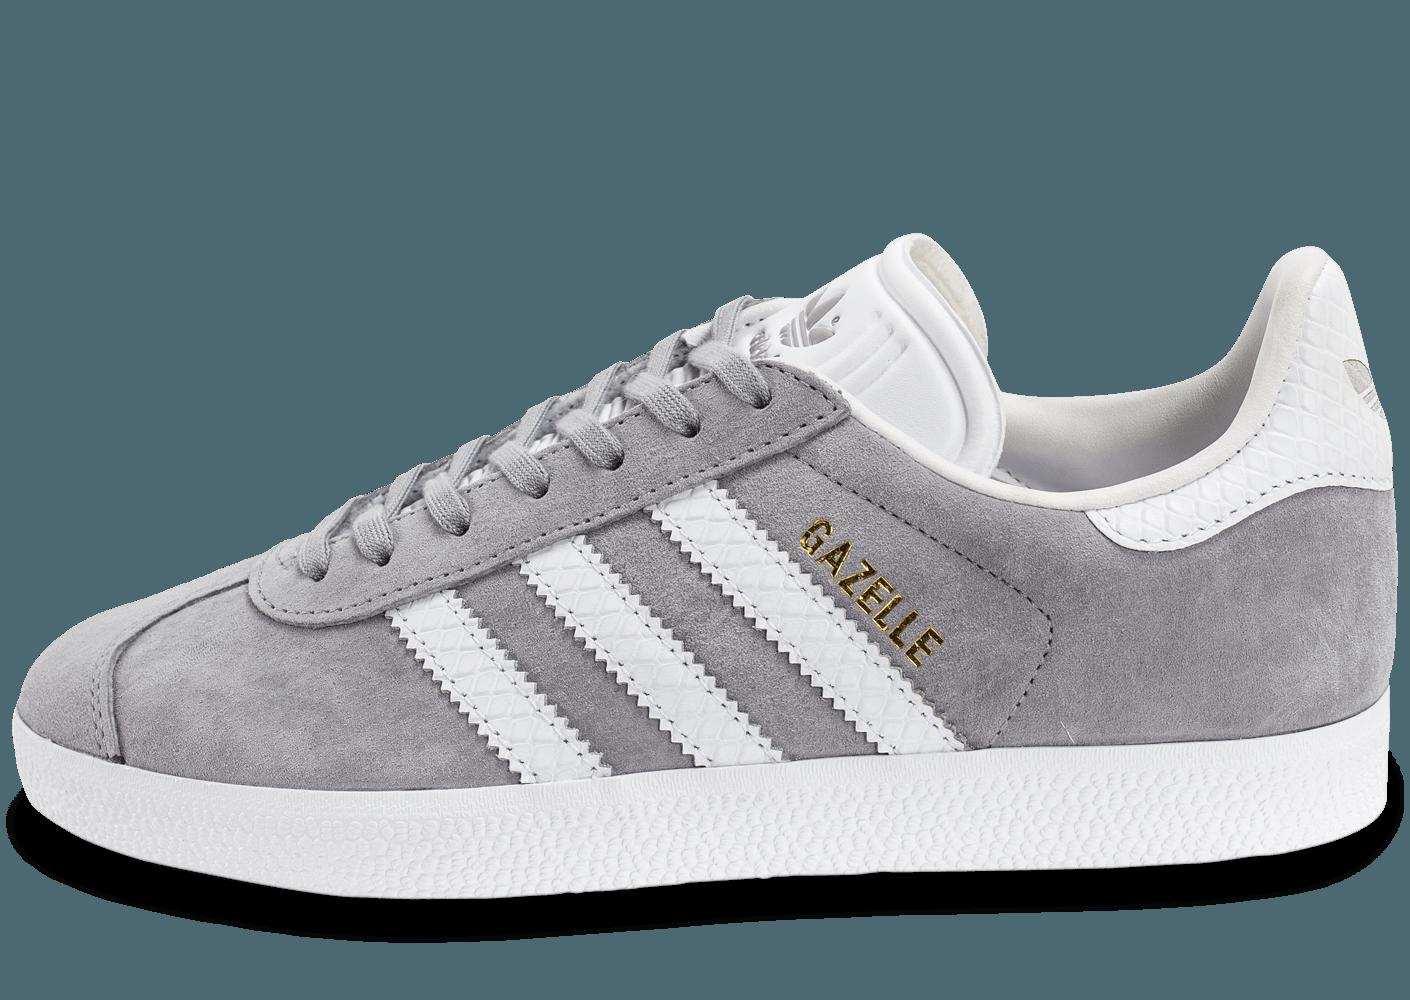 adidas gazelle femme gris clair,Chaussures & vêtements Adidas pas cher